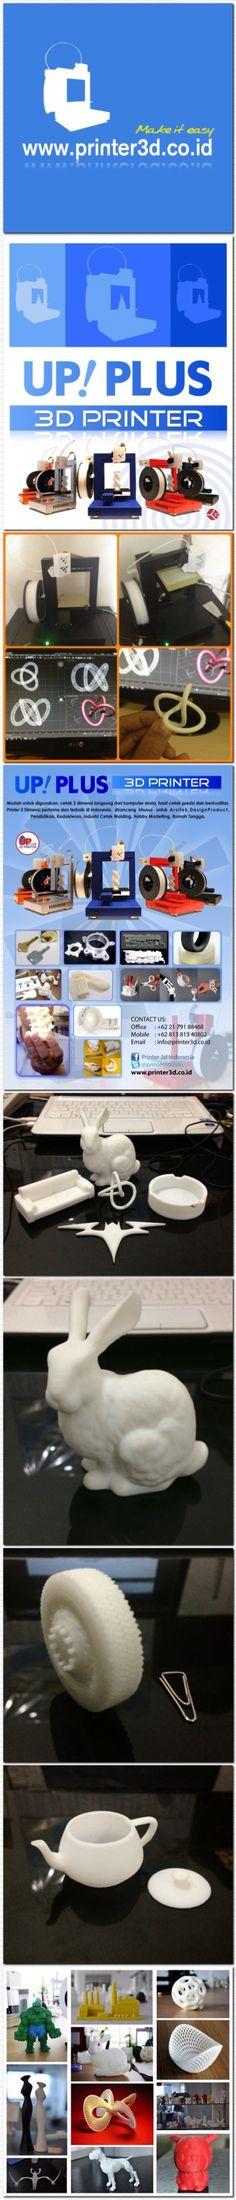 """More info : www.printer3d.co.id www.ksk3dprinter.blogspot.com Email : eriska@printer3d.co.id UP! Plus 3D Printer  """"Make life easier"""""""